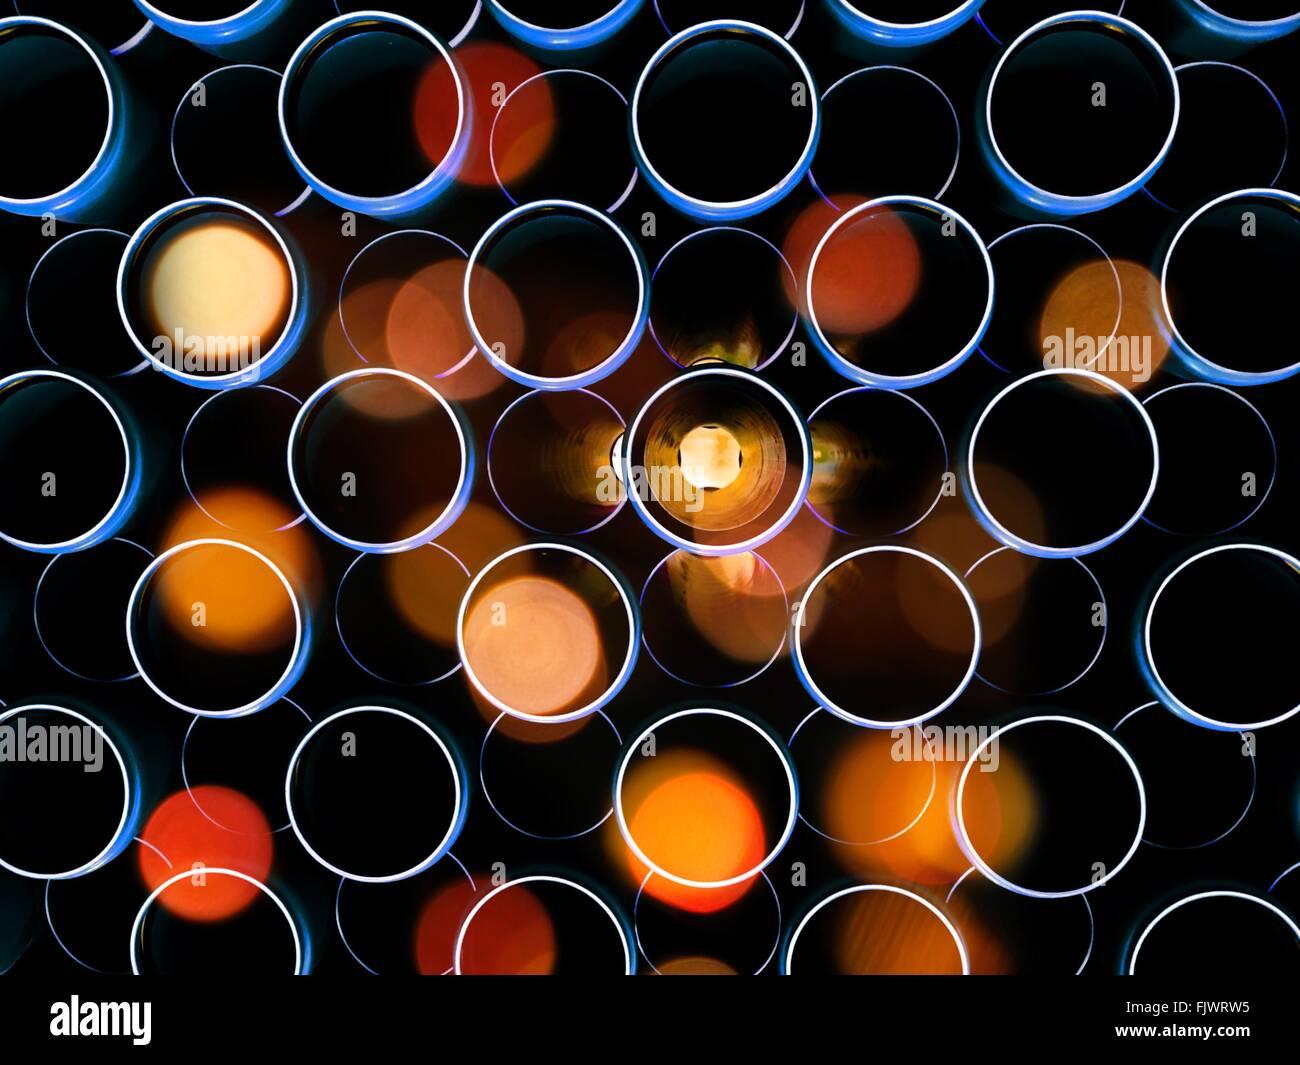 Full Frame Shot Of Defocused Lights - Stock Image